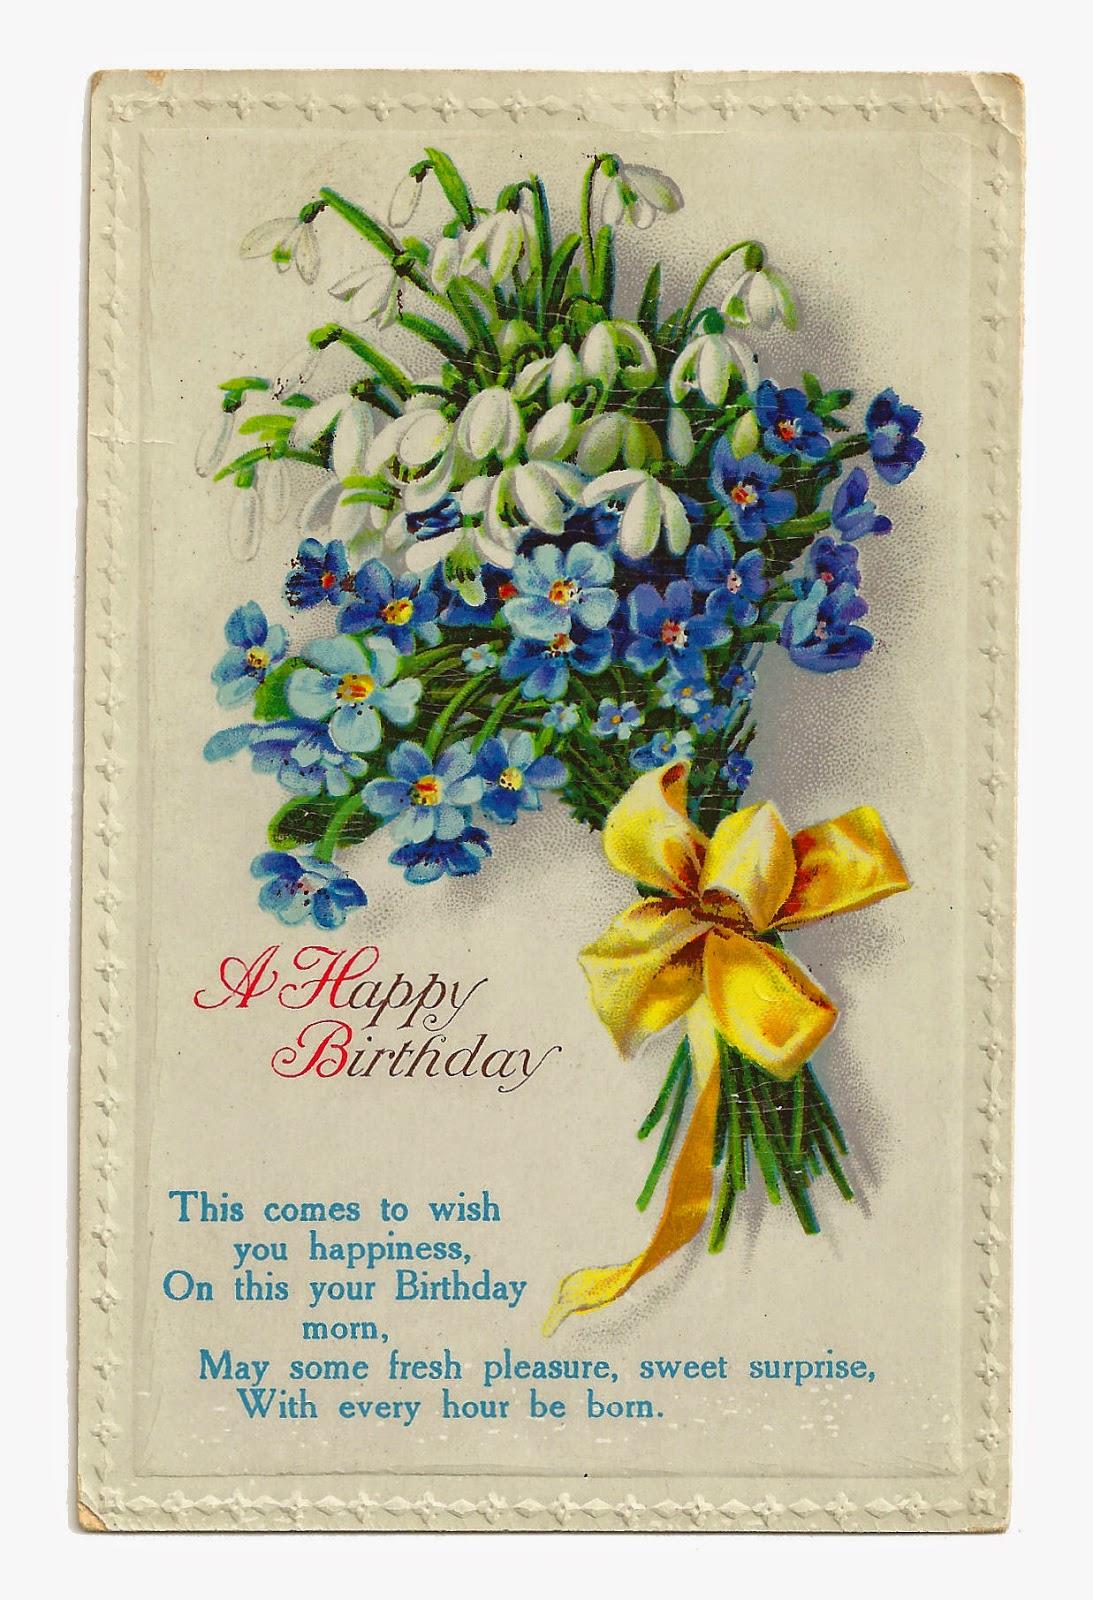 http://2.bp.blogspot.com/-McMv2GwrrCg/VKW33wbzsTI/AAAAAAAAUpA/VanN_b2V5zs/s1600/birthday_pc_lotv_fmn_bouquet_gm.jpg